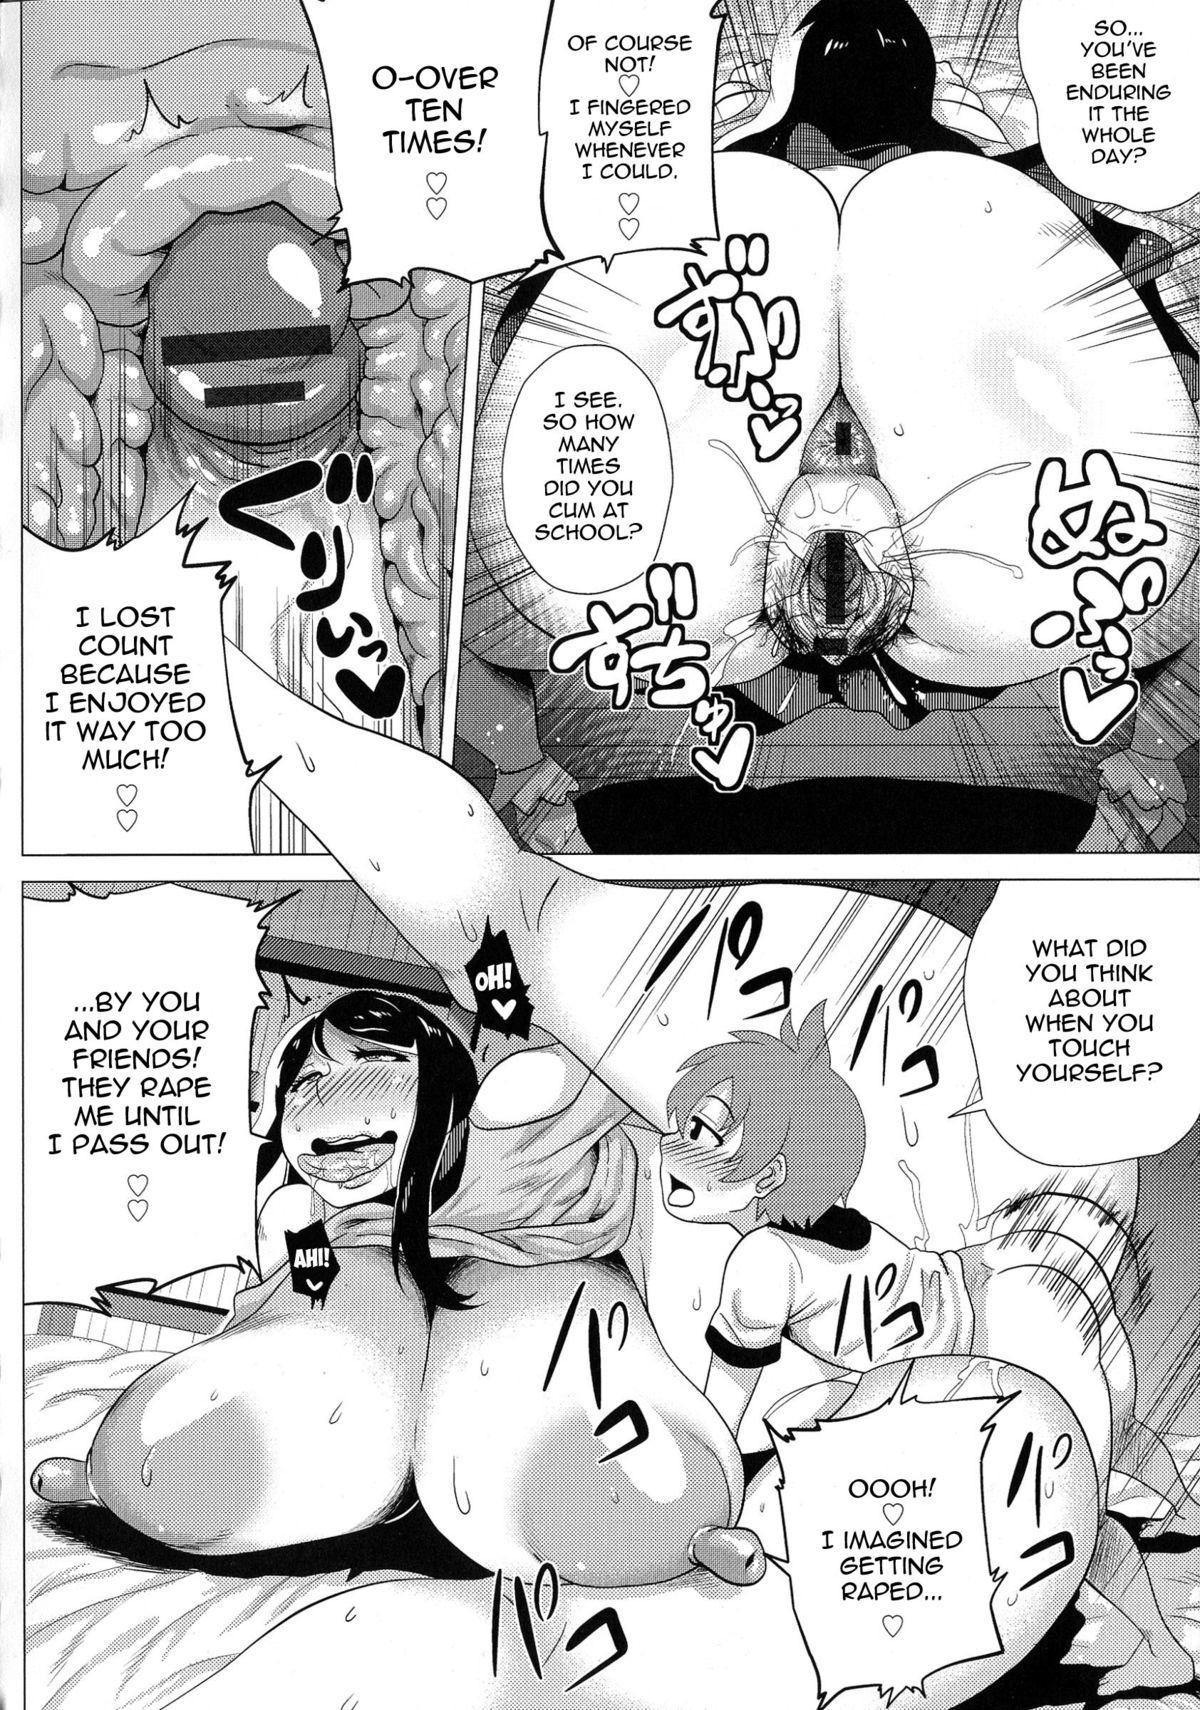 [Yokkora] Megabody Night ~Watashi no Oniku wo Meshiagare~ | Megabody Night ~My voluptuous body & mom love~ [English] {Laruffi + desudesu + EHCOVE} 164